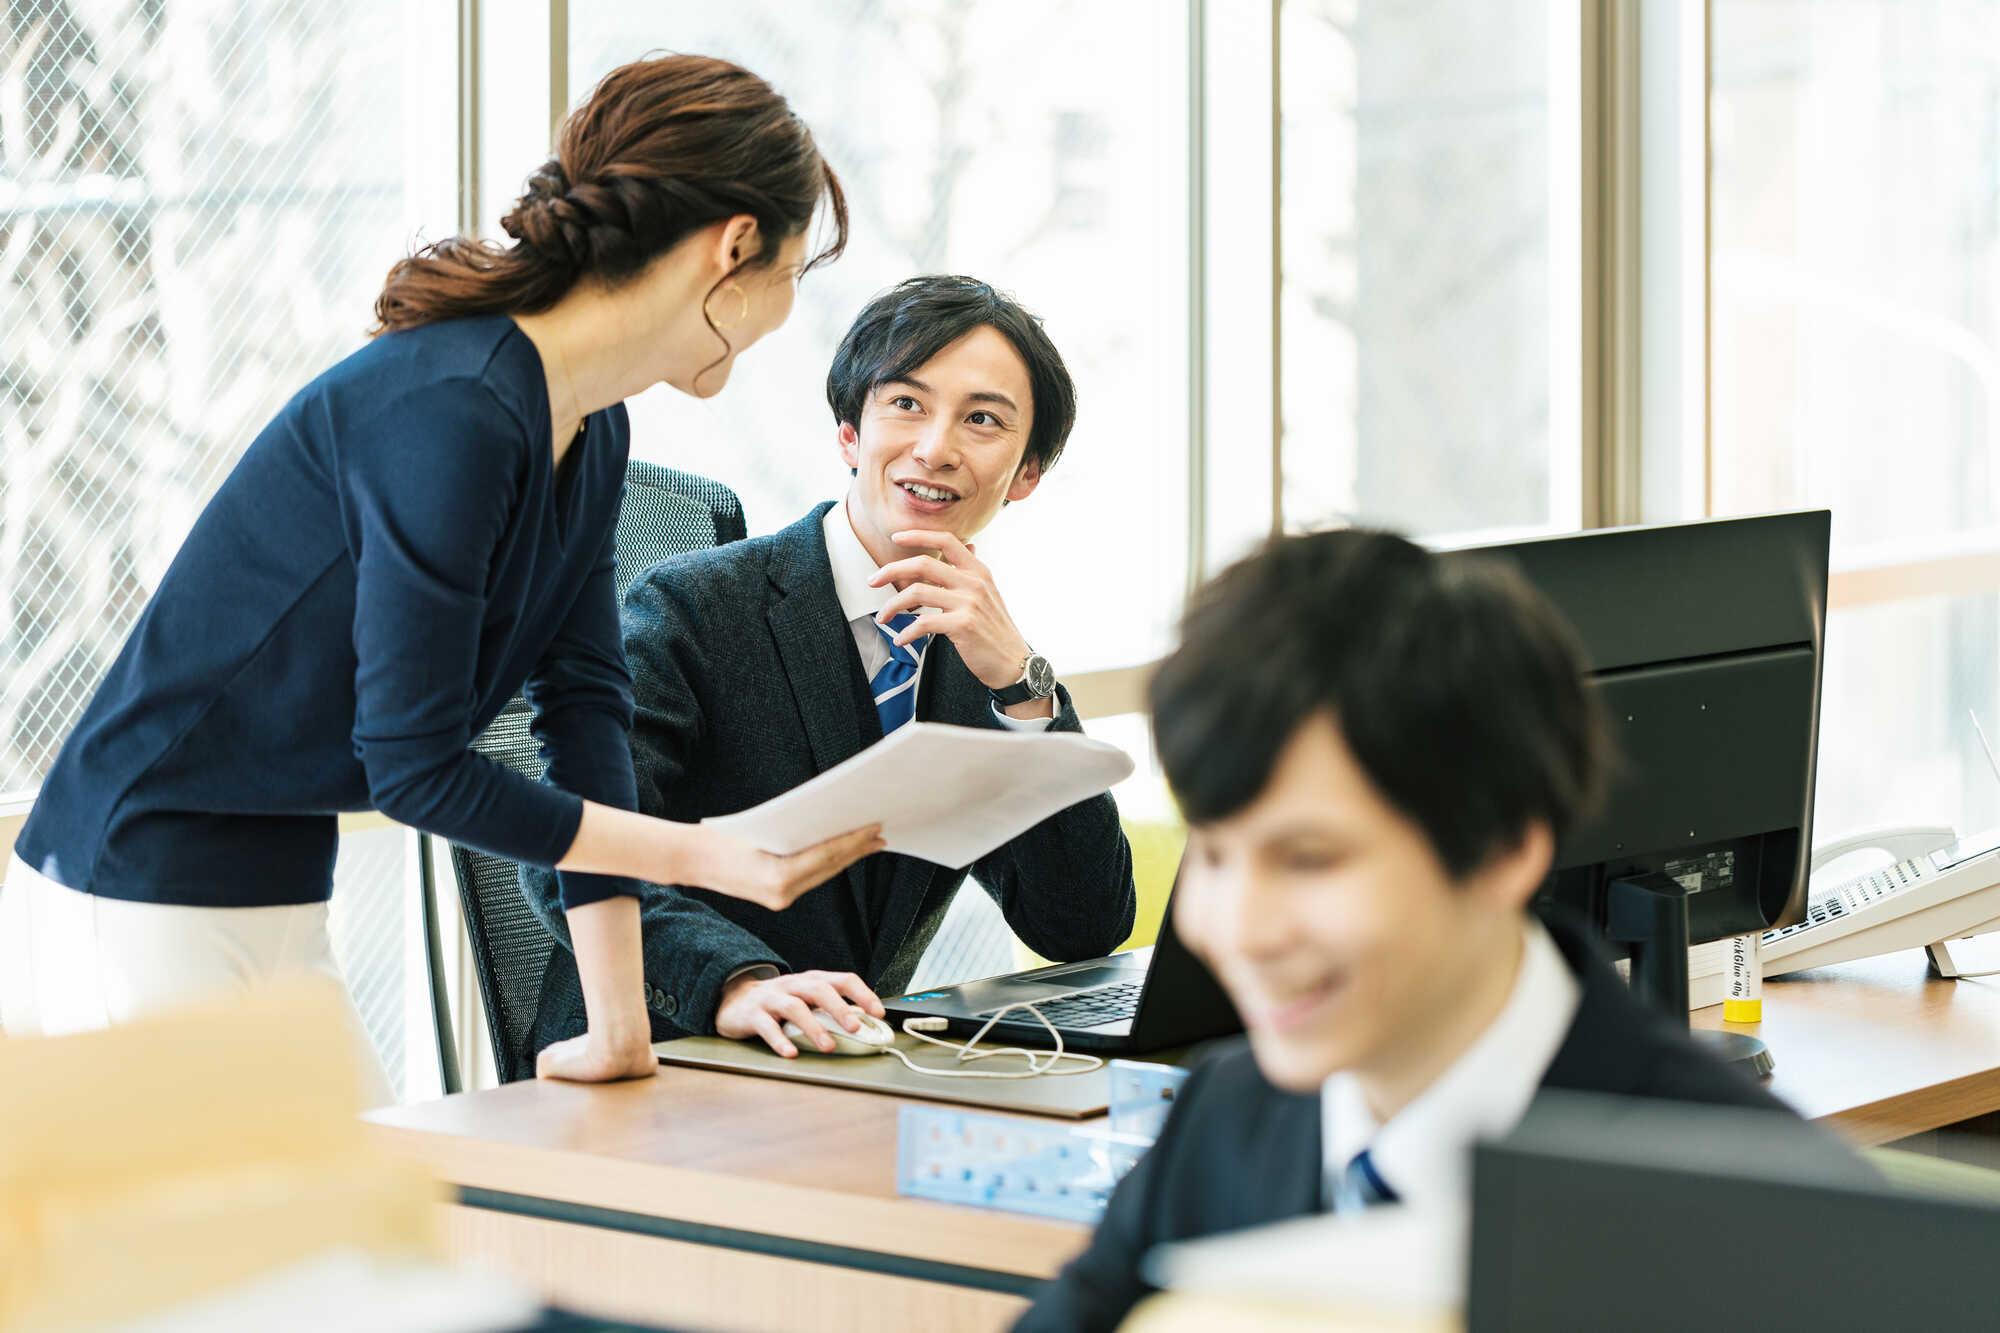 主体性を発揮して上司に提案をする女性